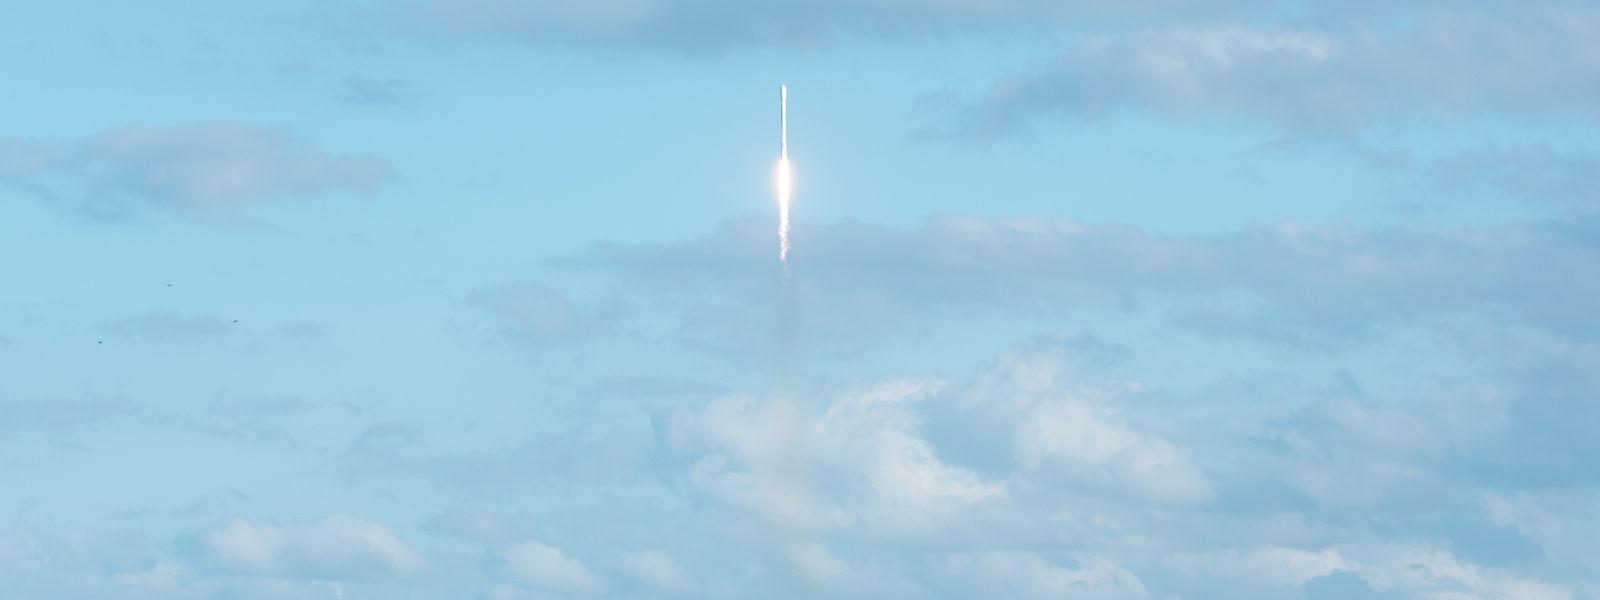 Il a fallu attendre 24 heures de plus que prévu mais le GovSat 1 vole vers son orbite